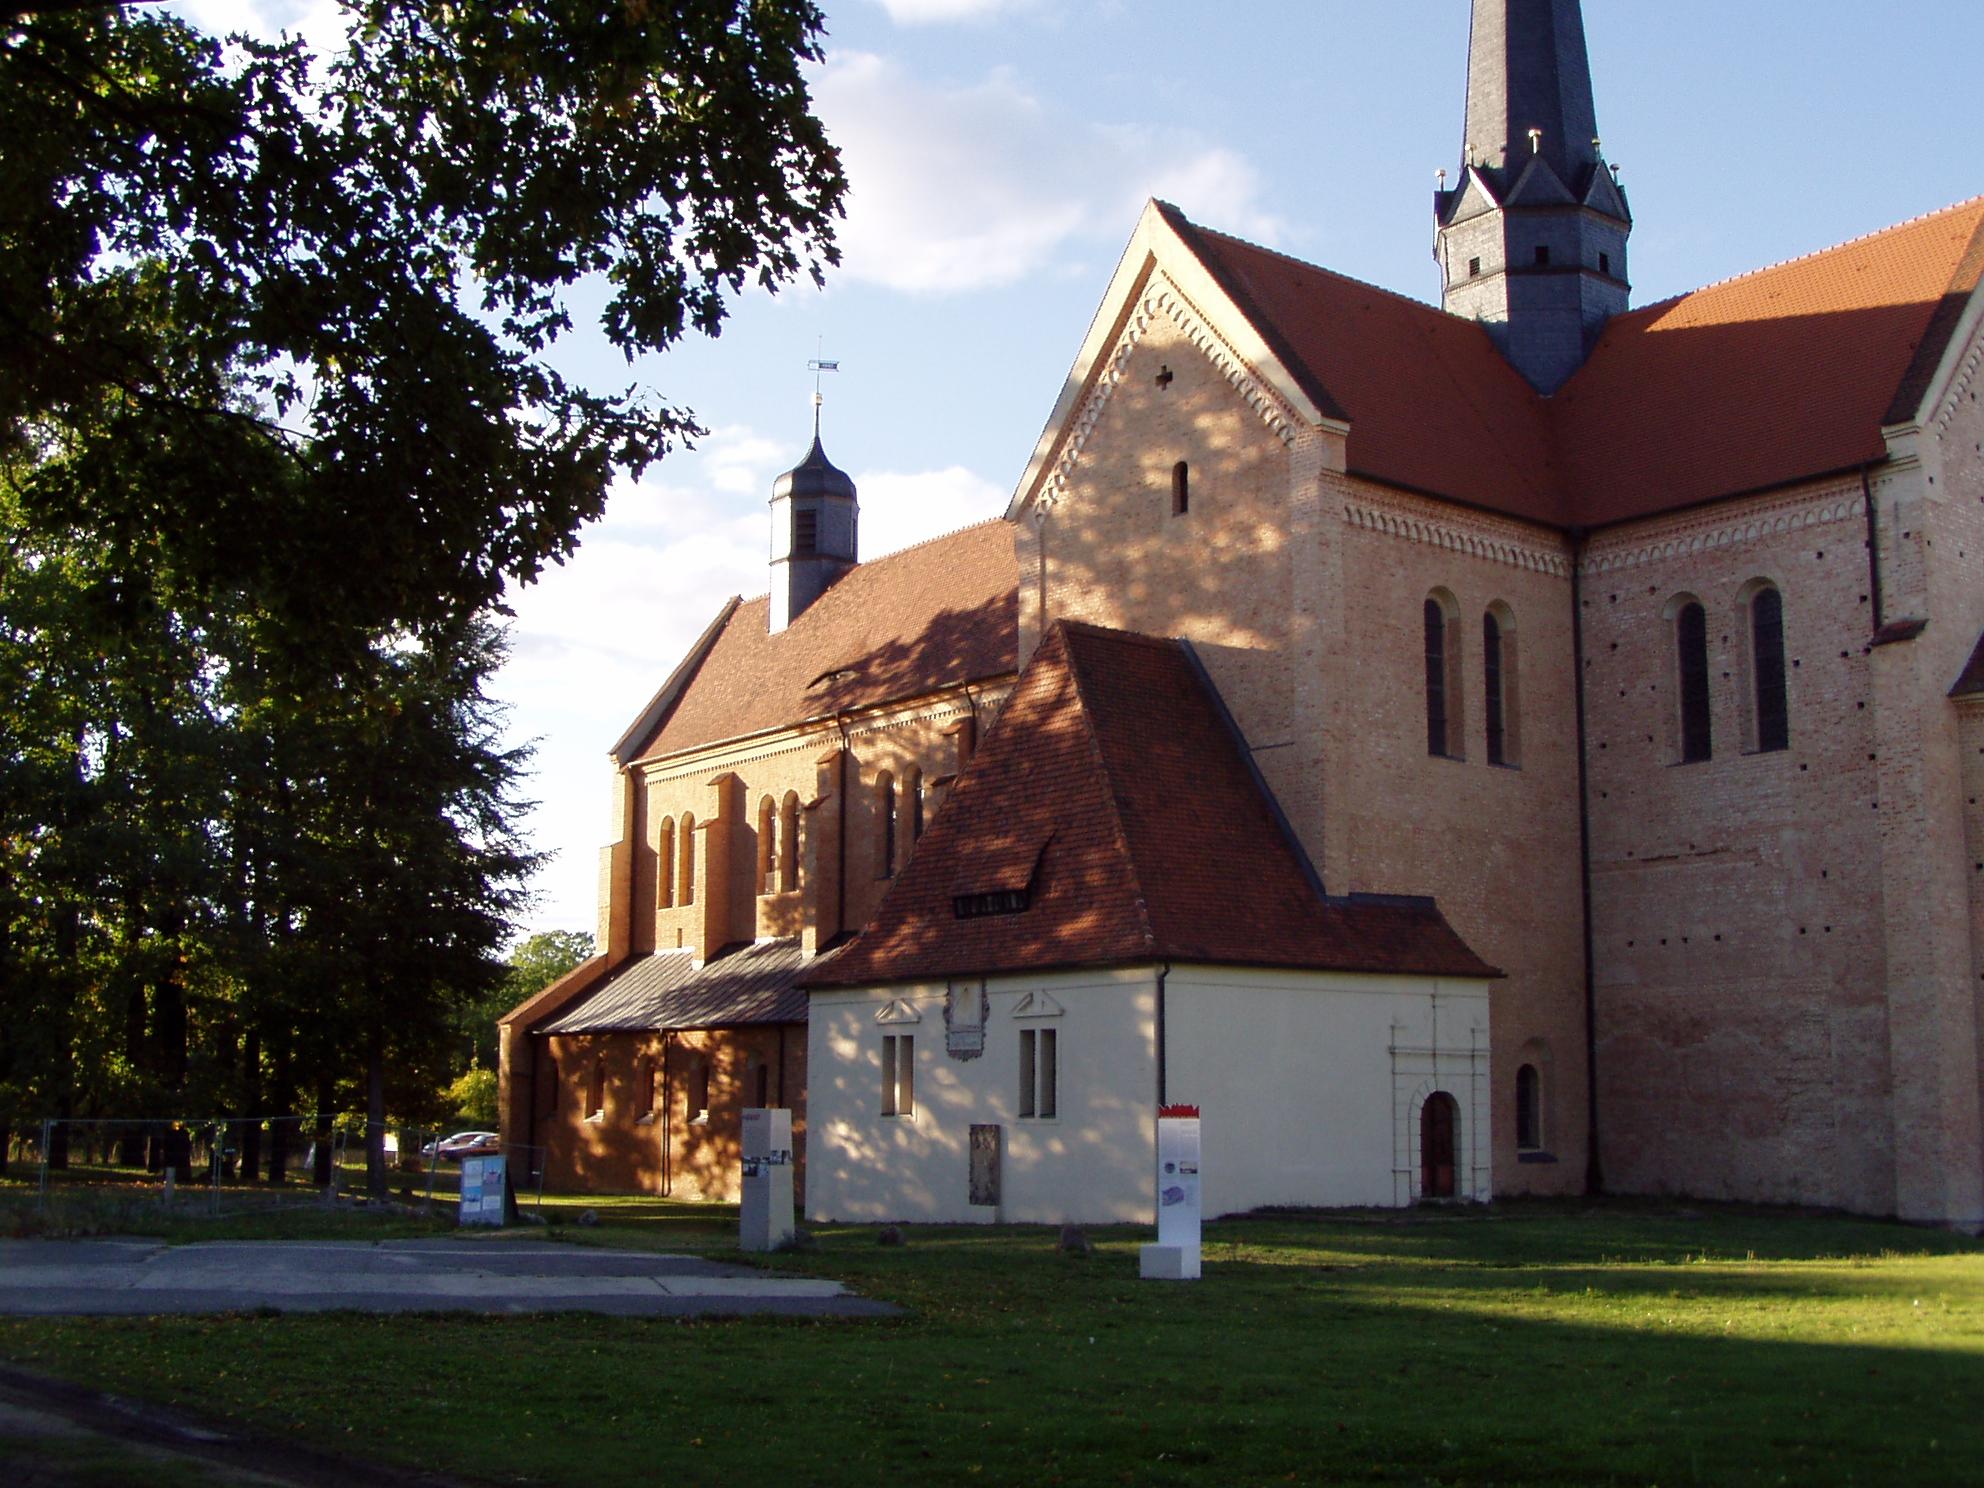 Bild von Brandenburg: Ehemalige Kloster Chorin, Kloster Dobrilugk, Kloster Lehnin